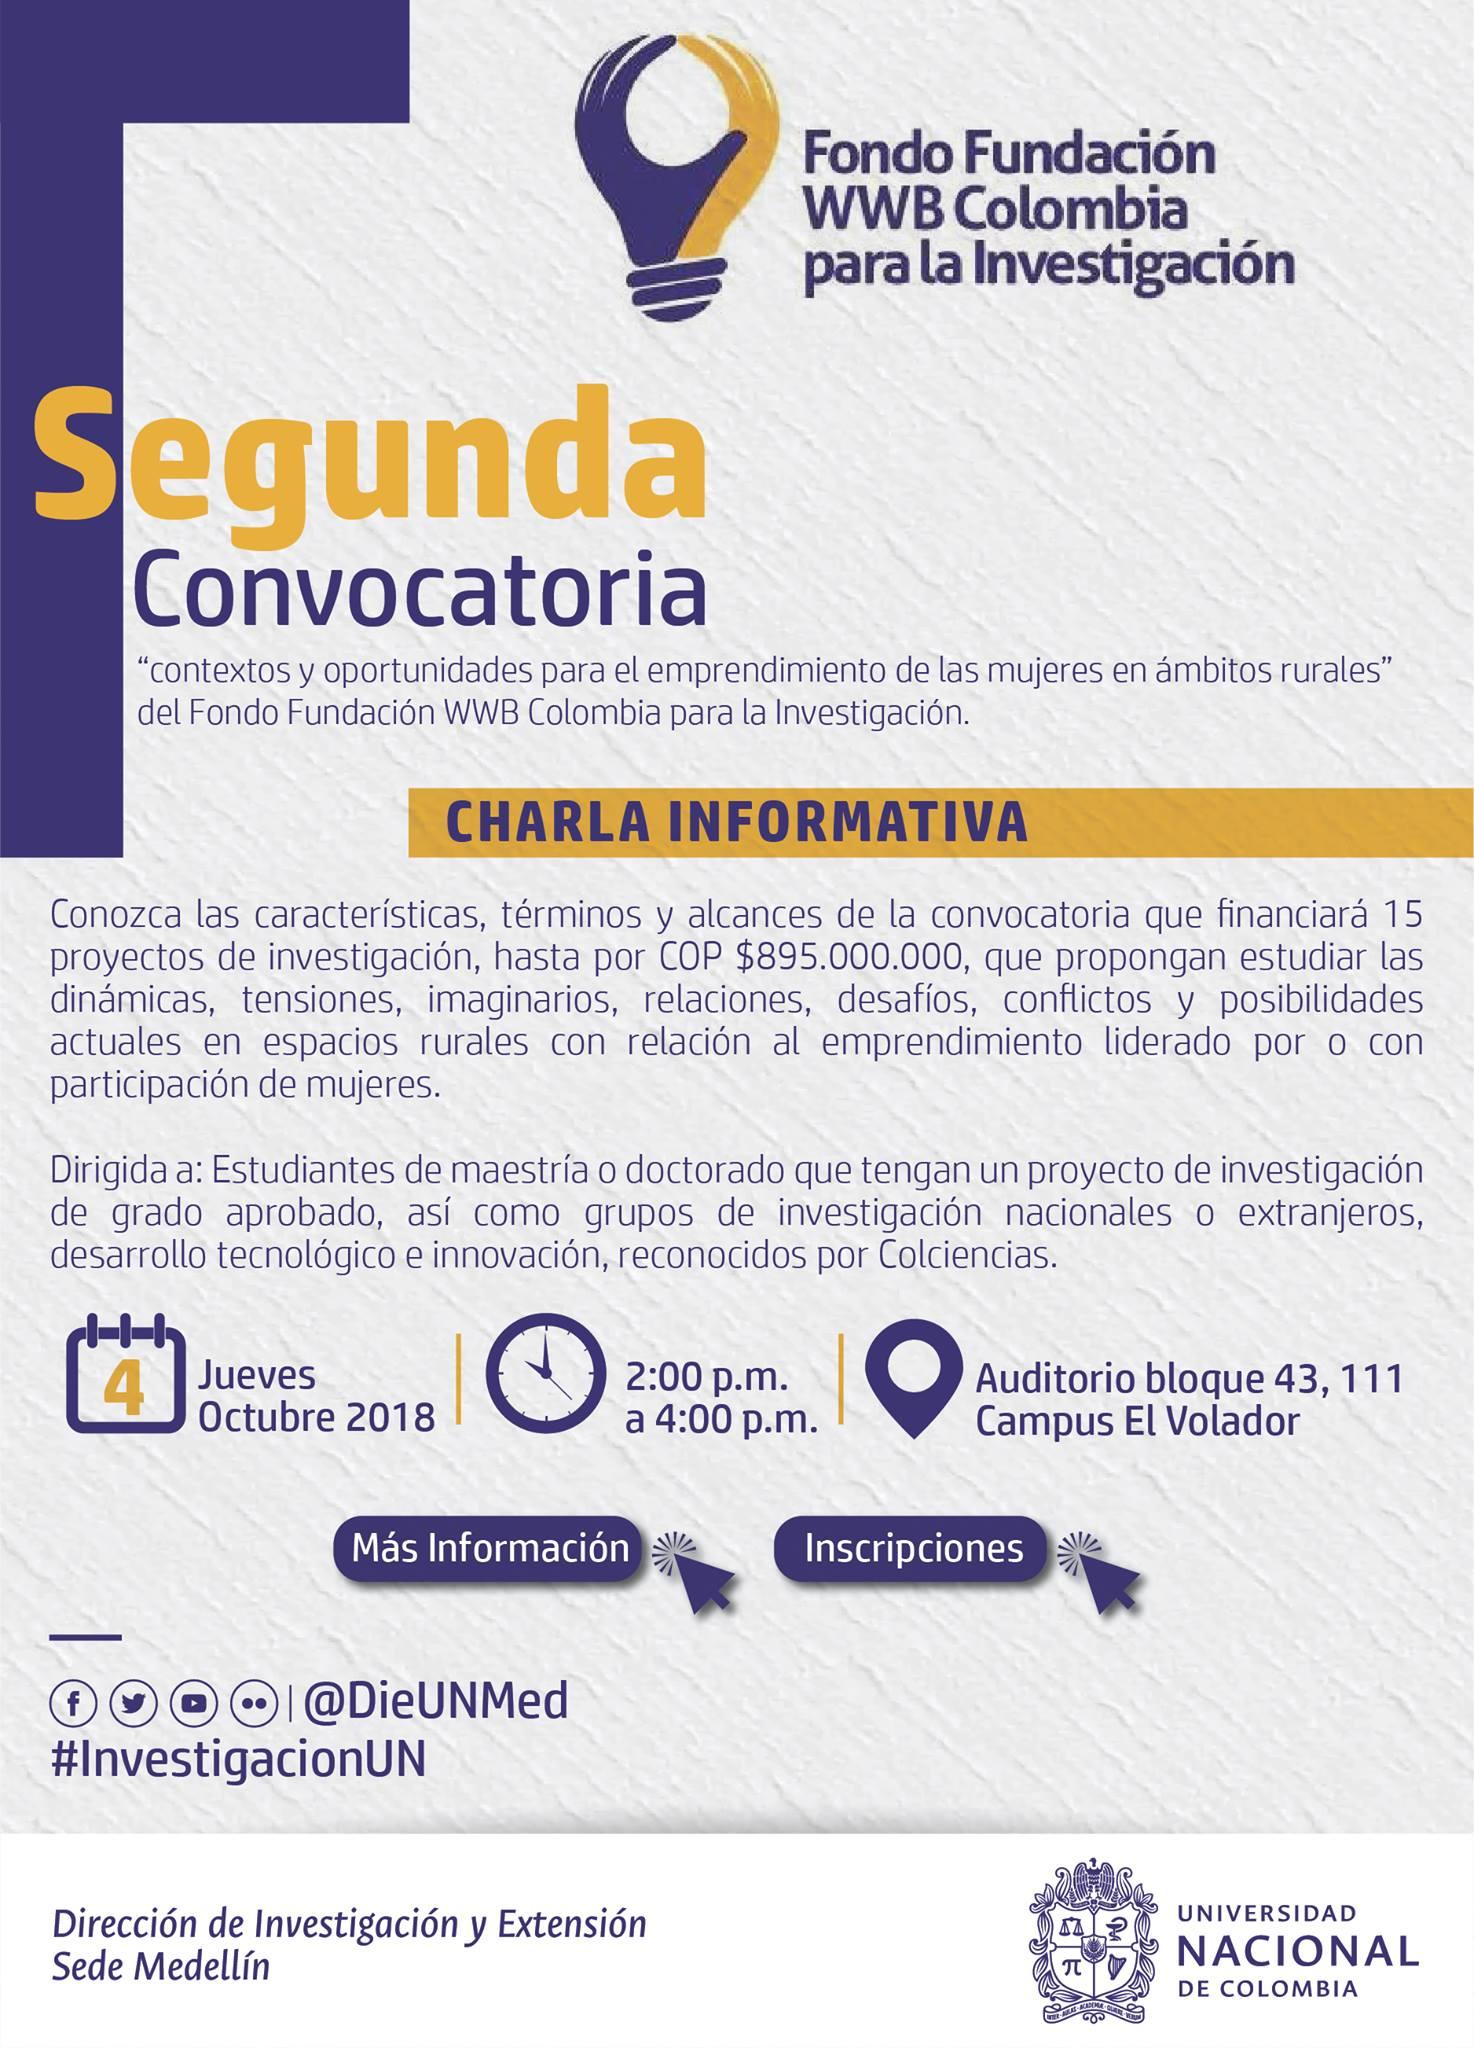 Charla informativa sobre la 2a. Convocatoria del Fondo Fundación WWB Colombia «Contextos para el emprendimiento de las mujeres en ámbitos rurales»